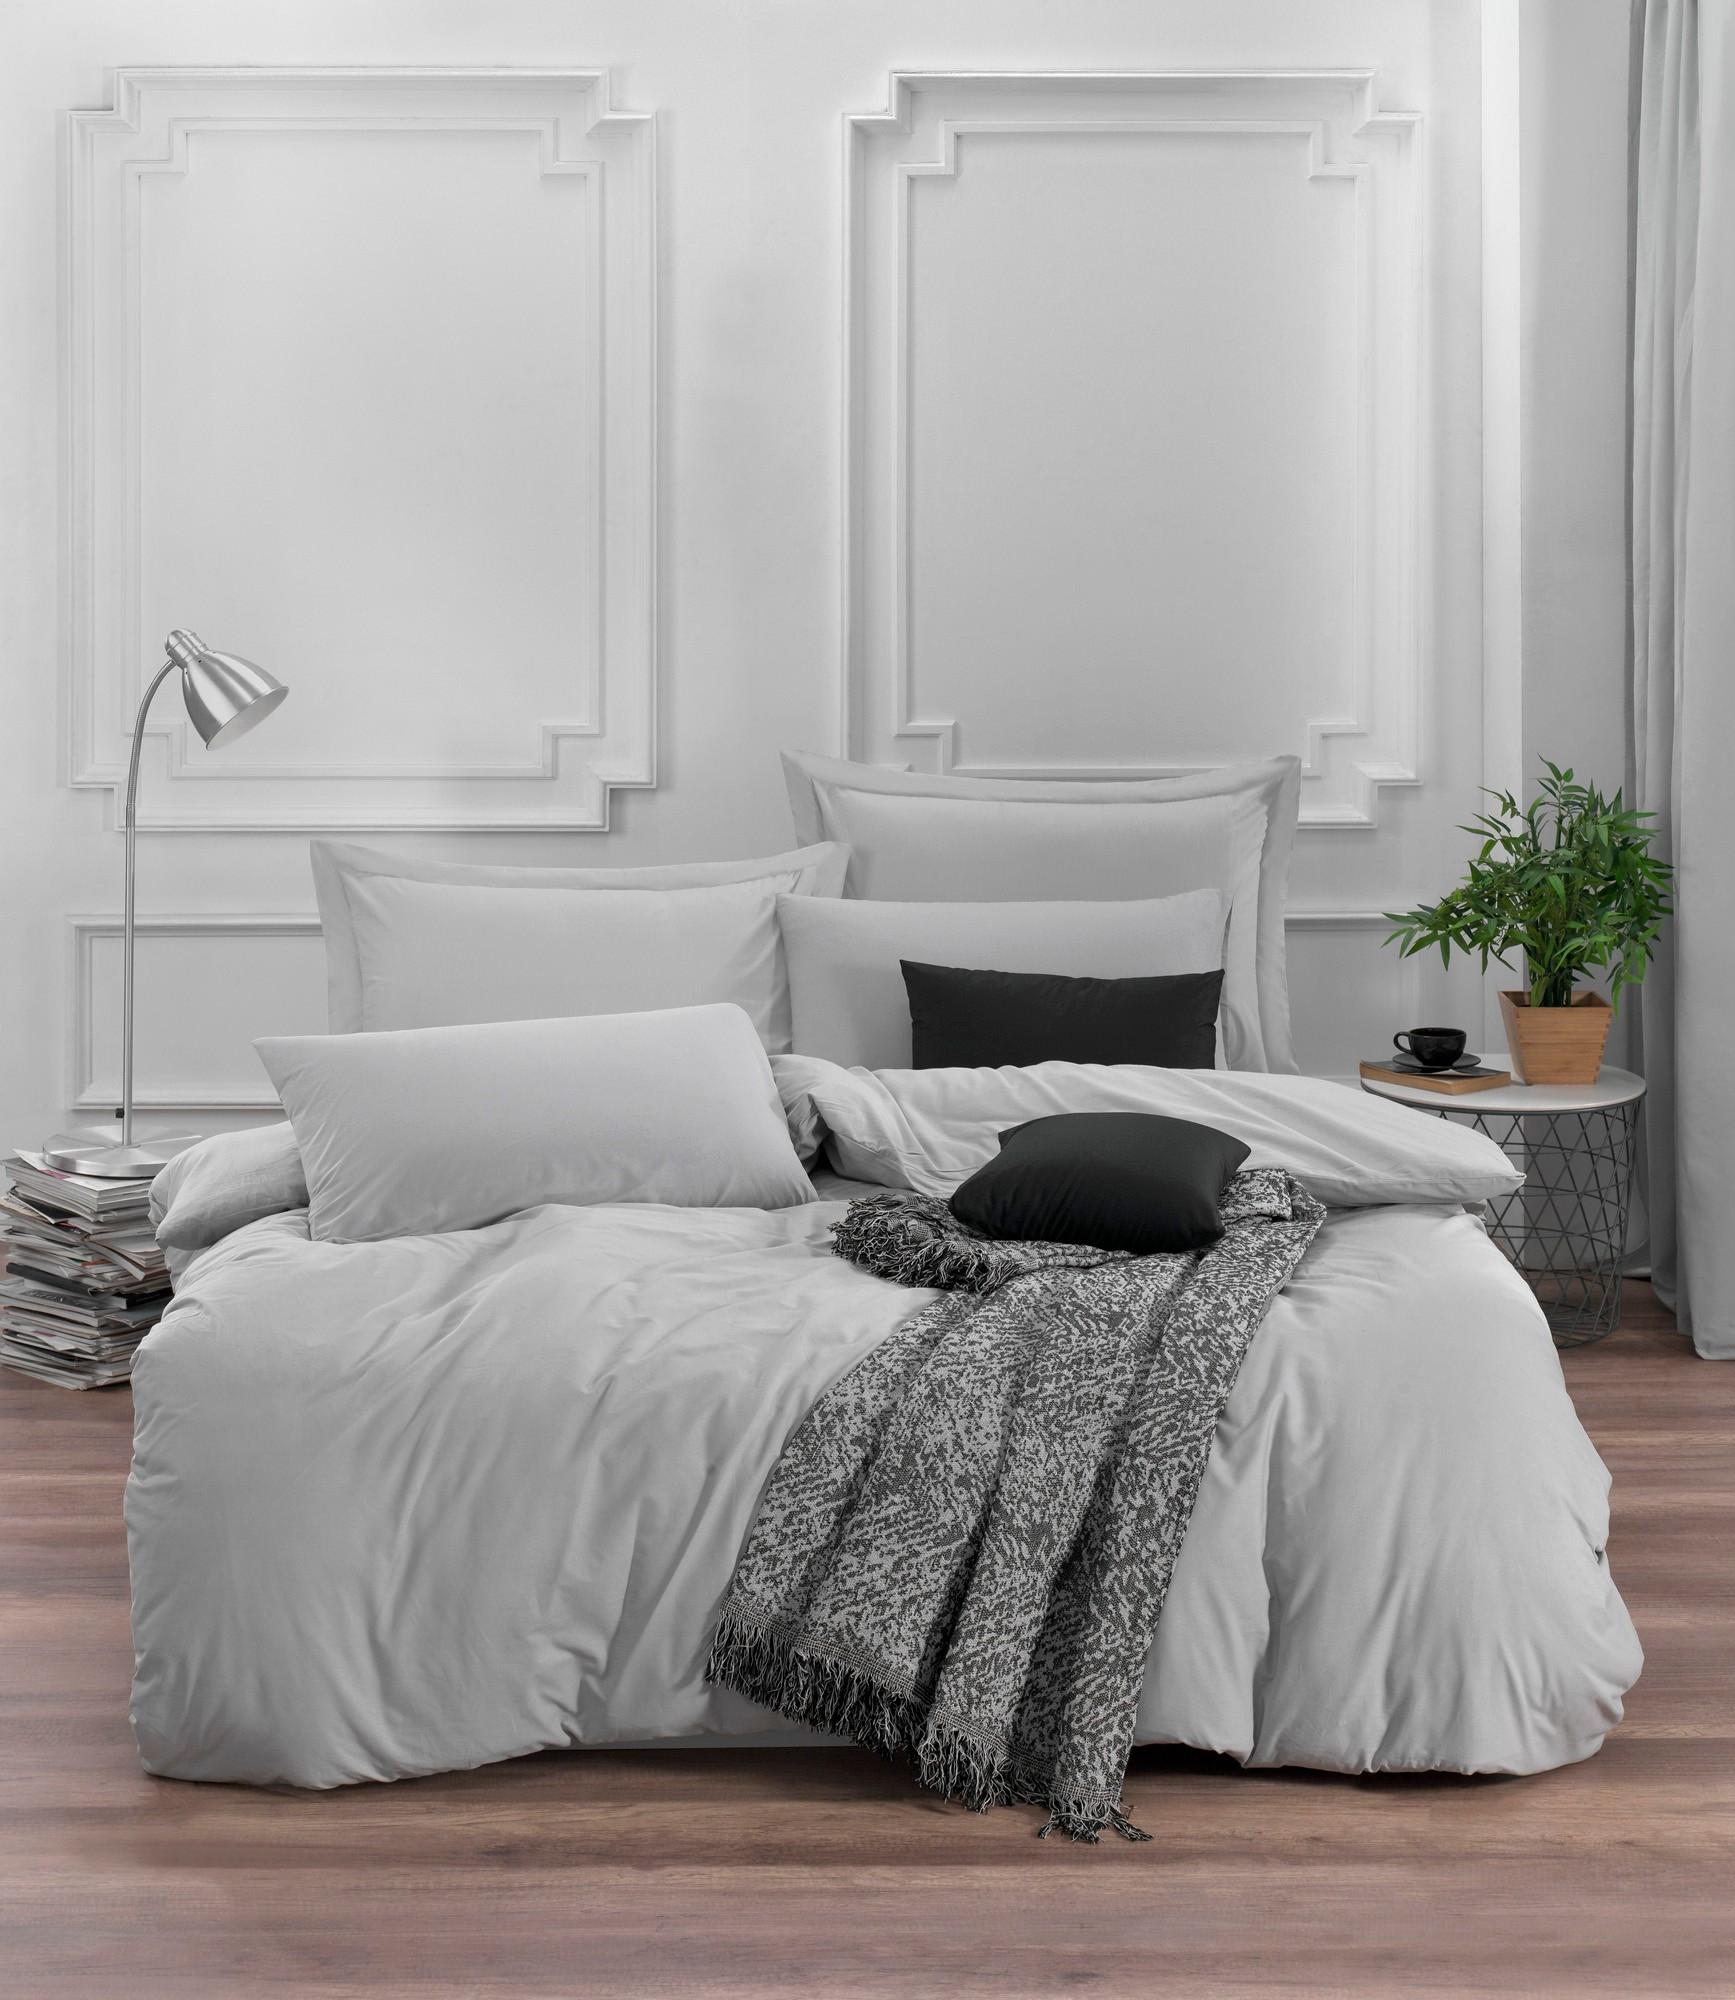 Lenjerie de pat din bumbac Ranforce Fresh Gri Deschis, 200 x 220 cm imagine